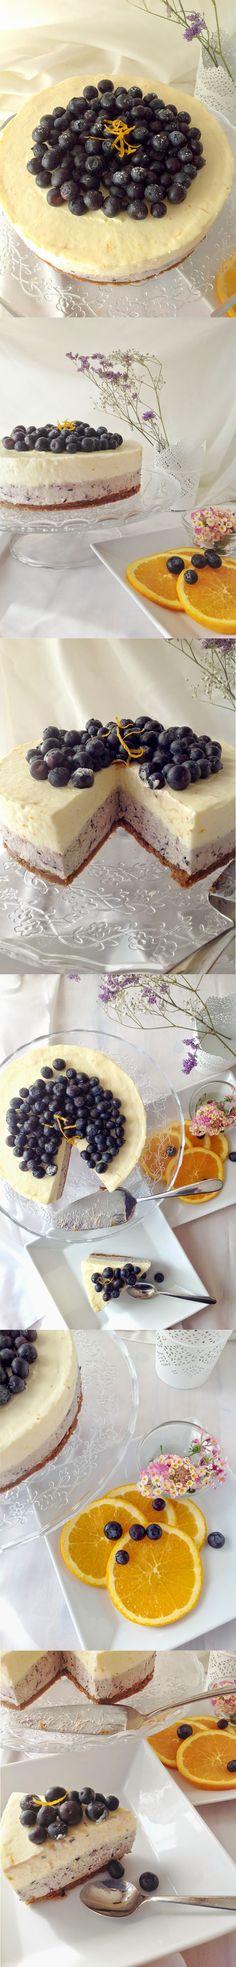 Cheesecake de naranja y arándanos - Pecados de Reposteria